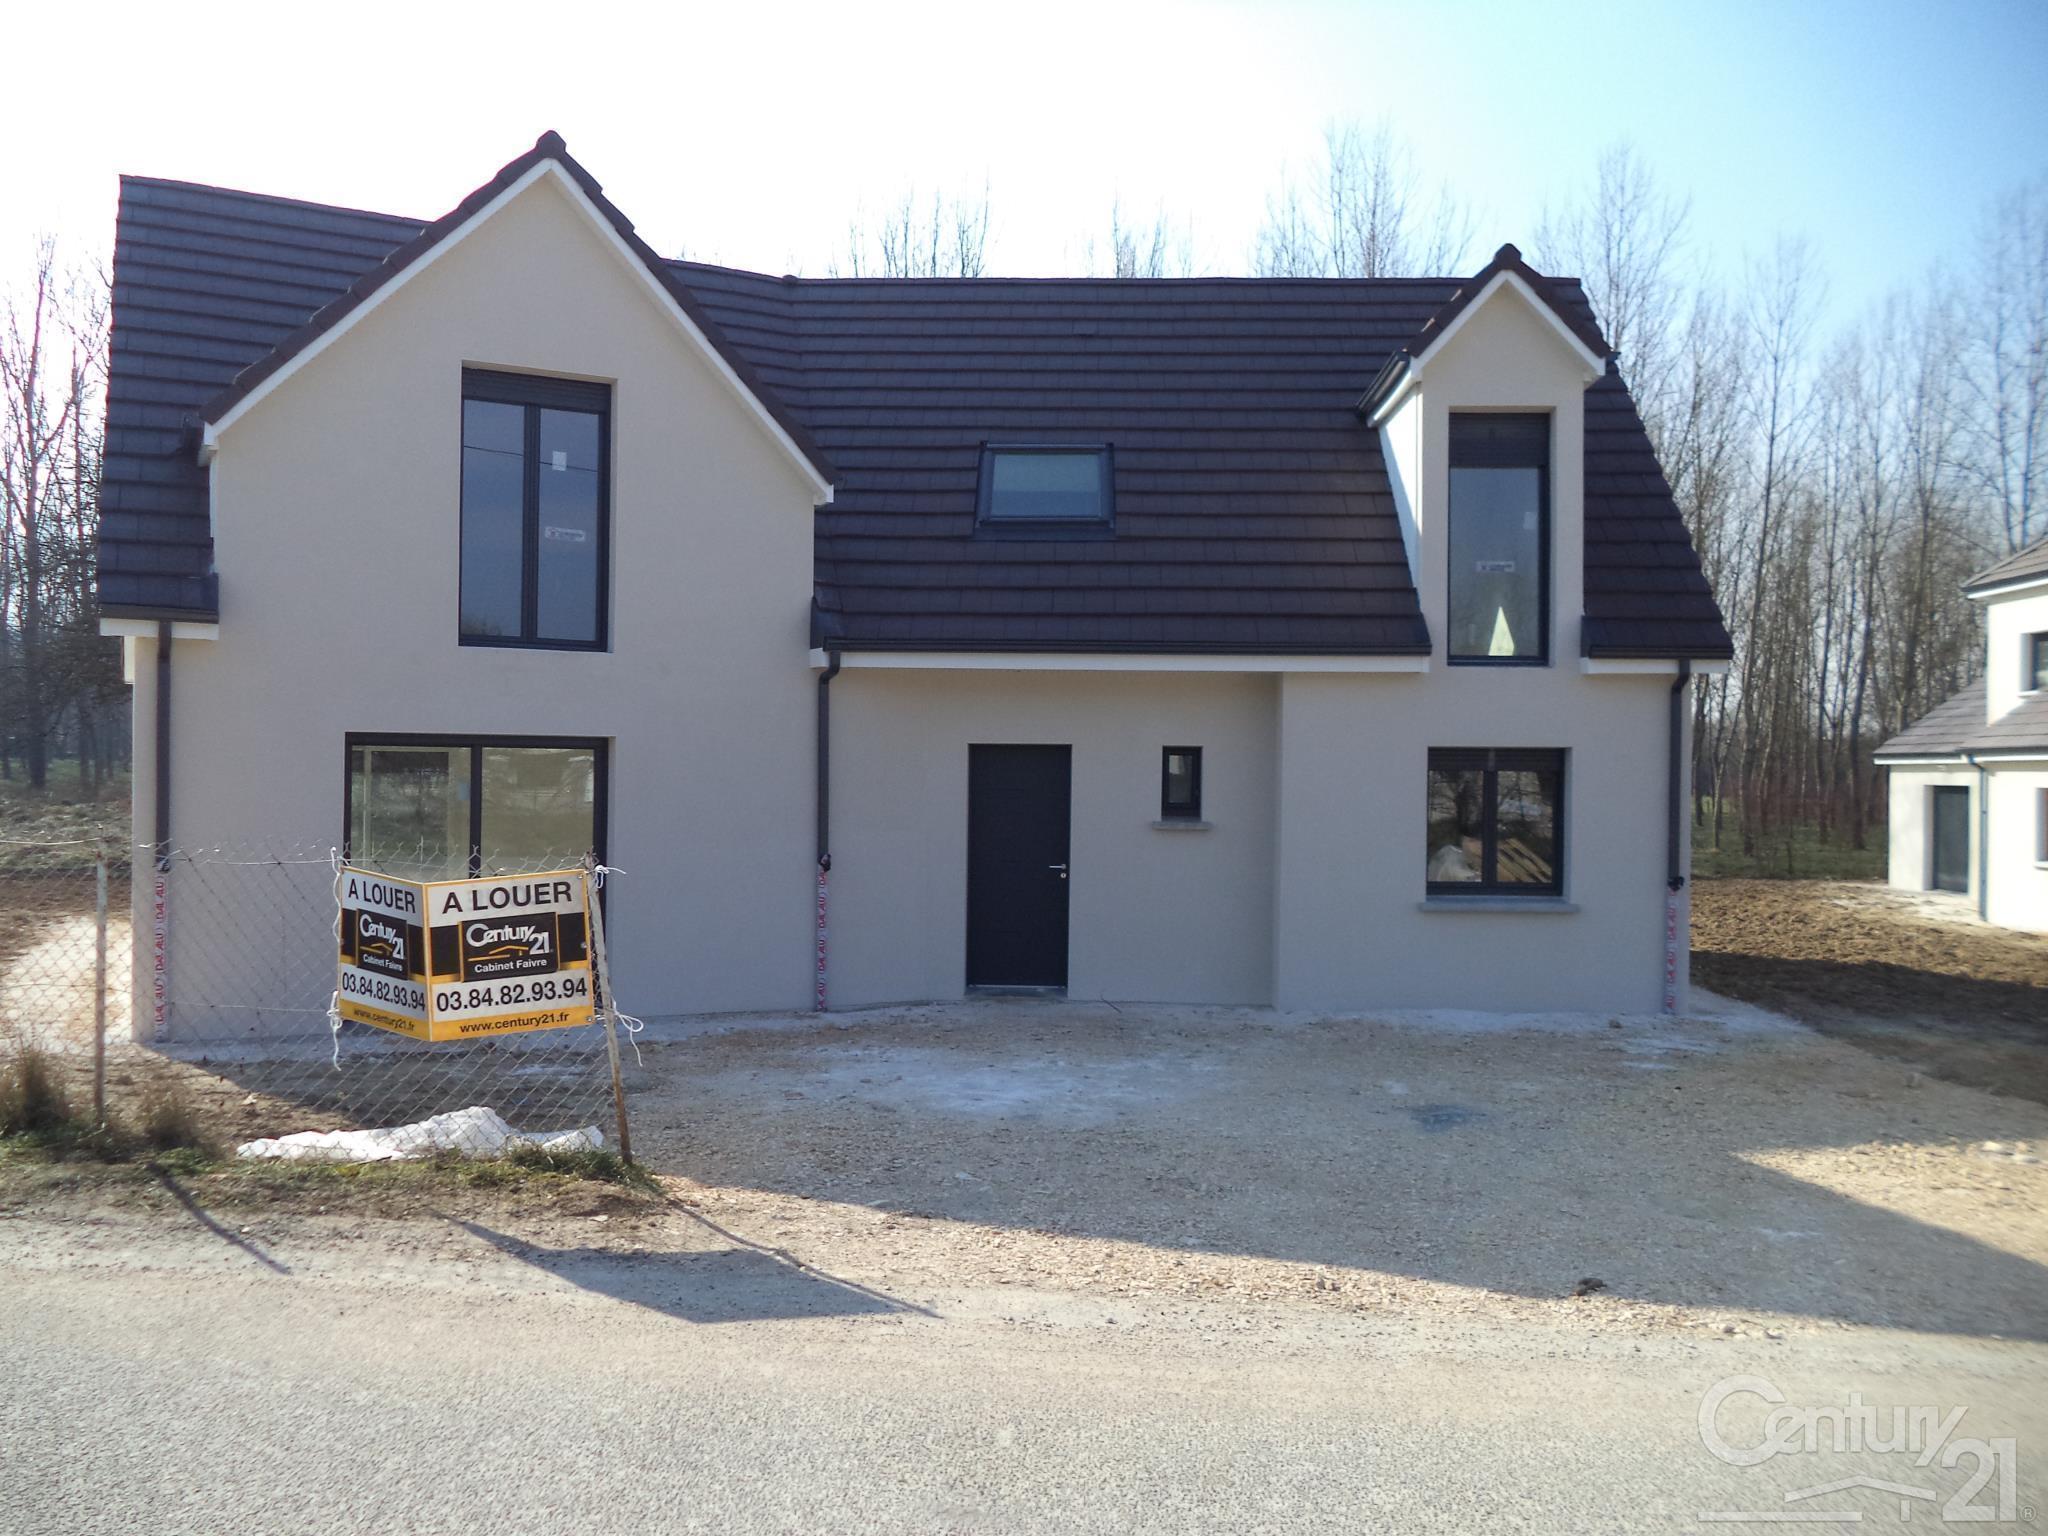 Constructeur maison dole 39 segu maison for Maison dole